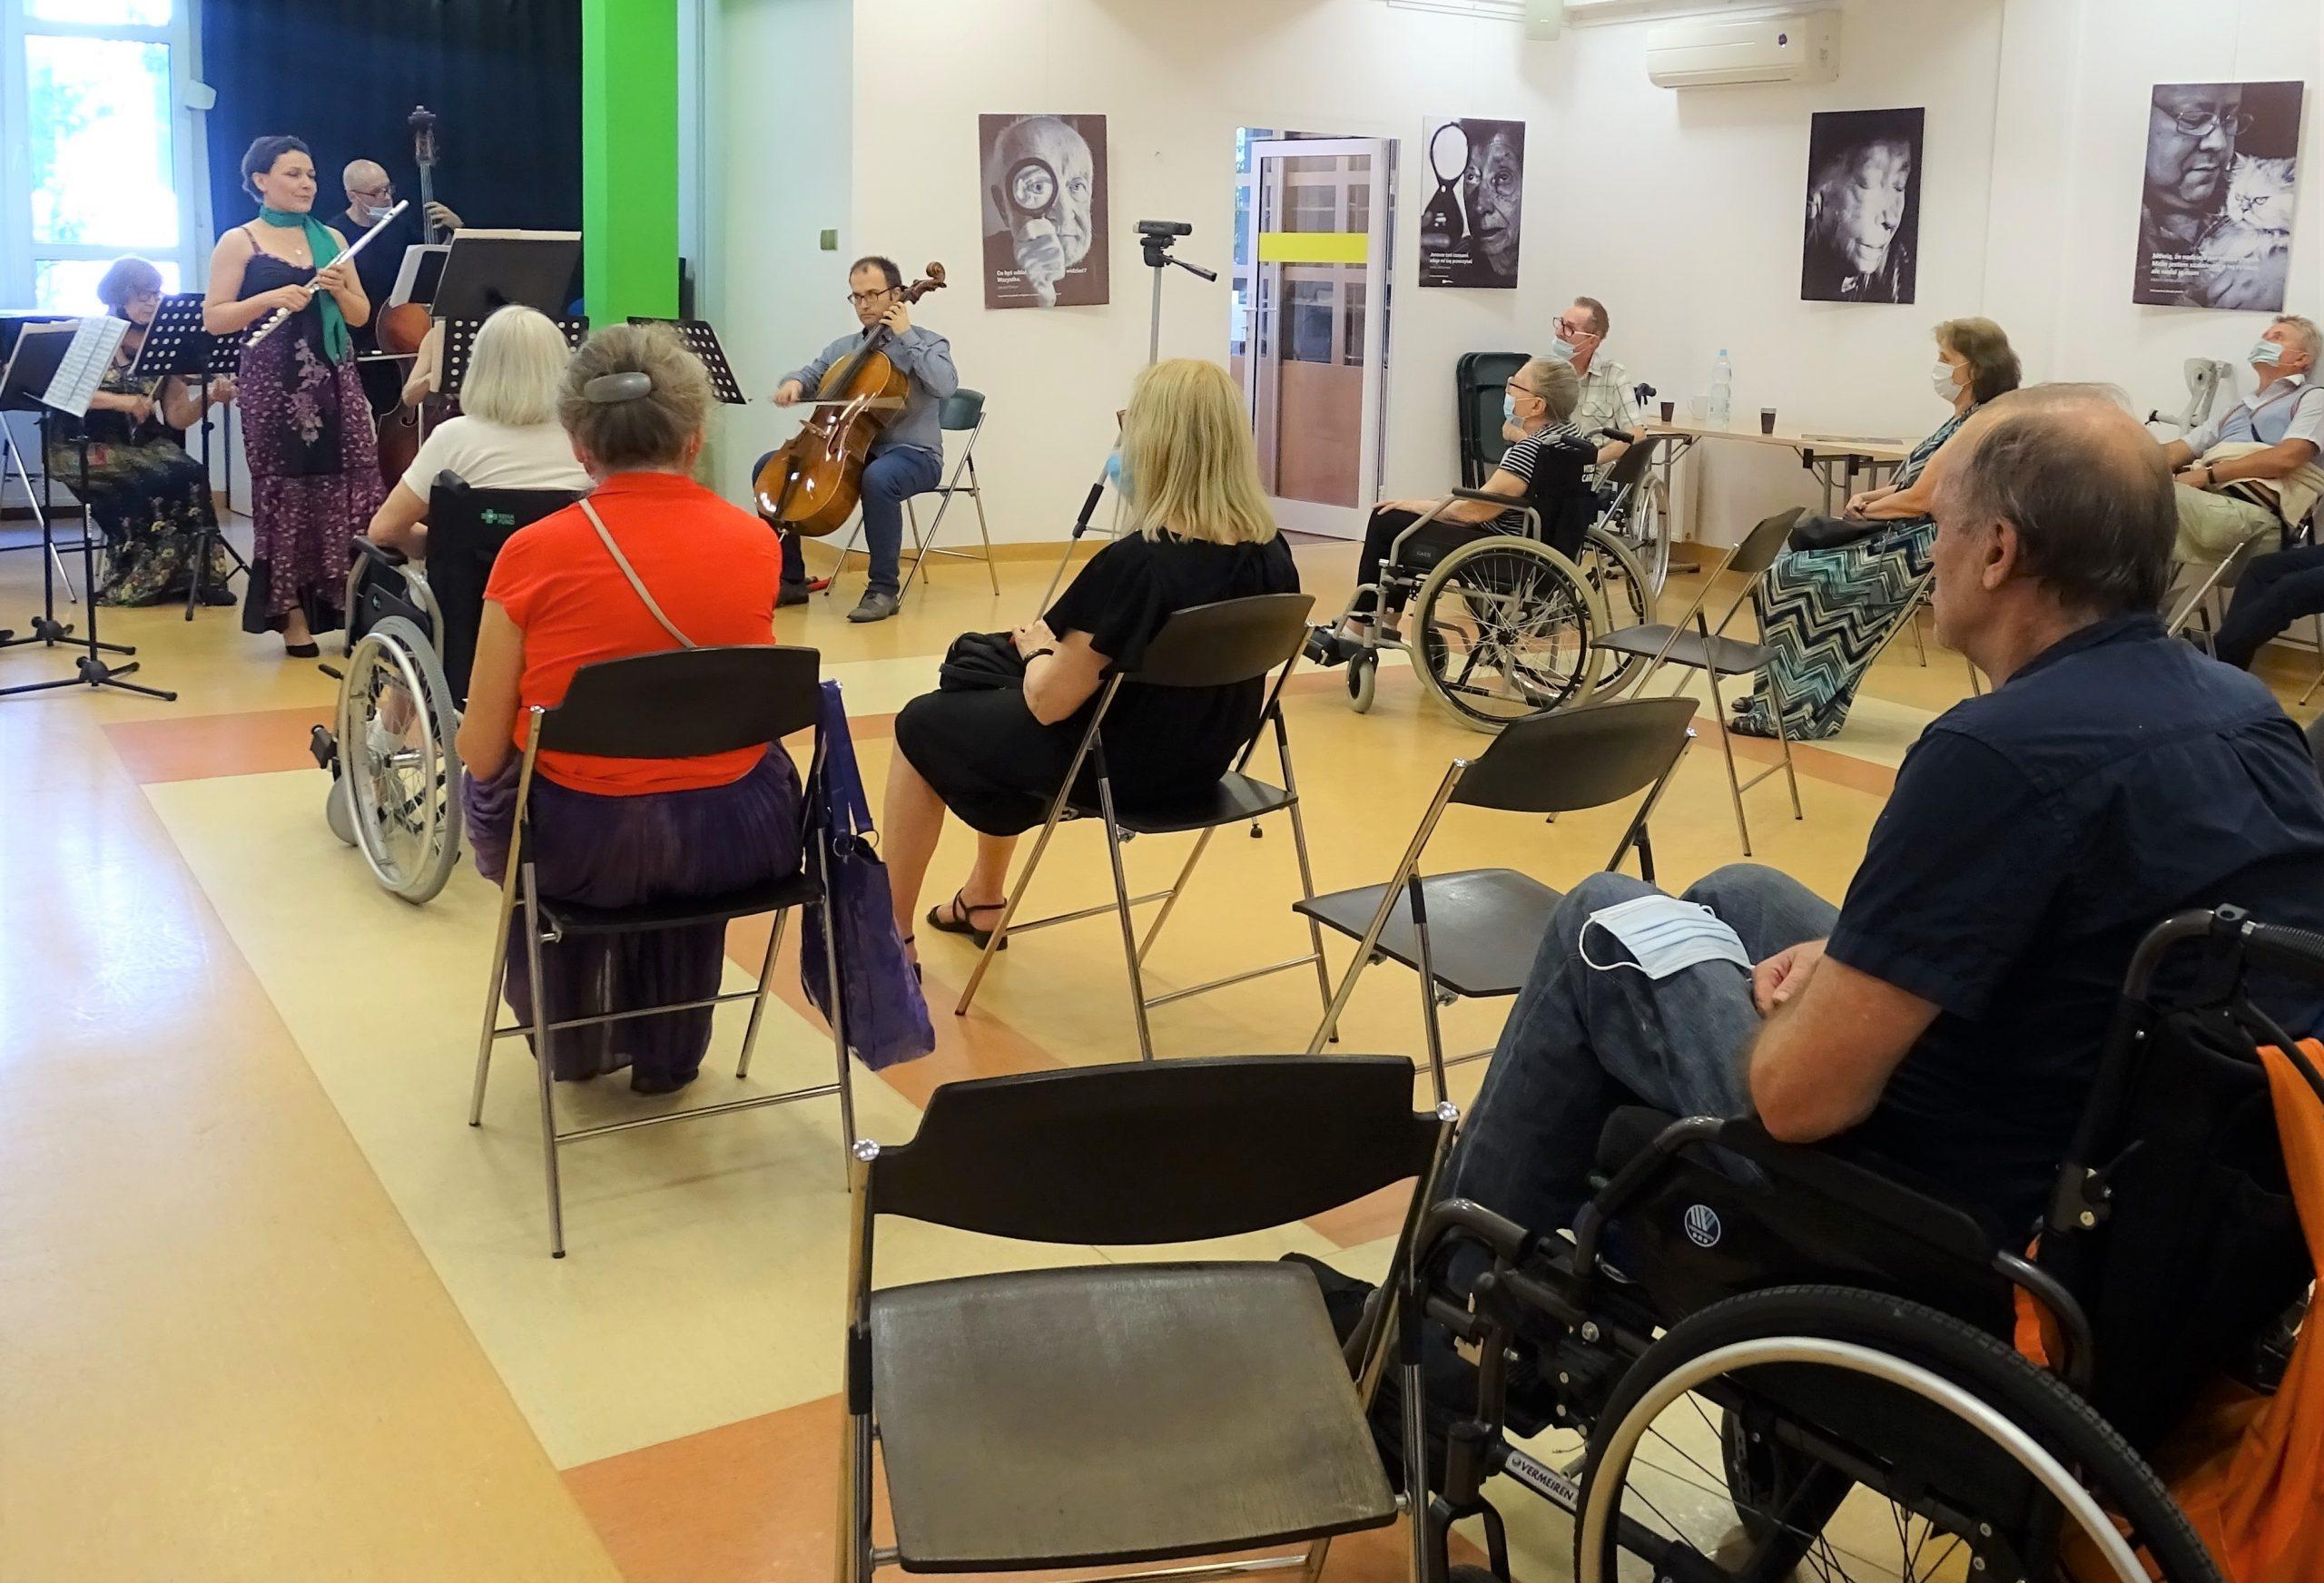 Publicznosć wsłuchana w koncert